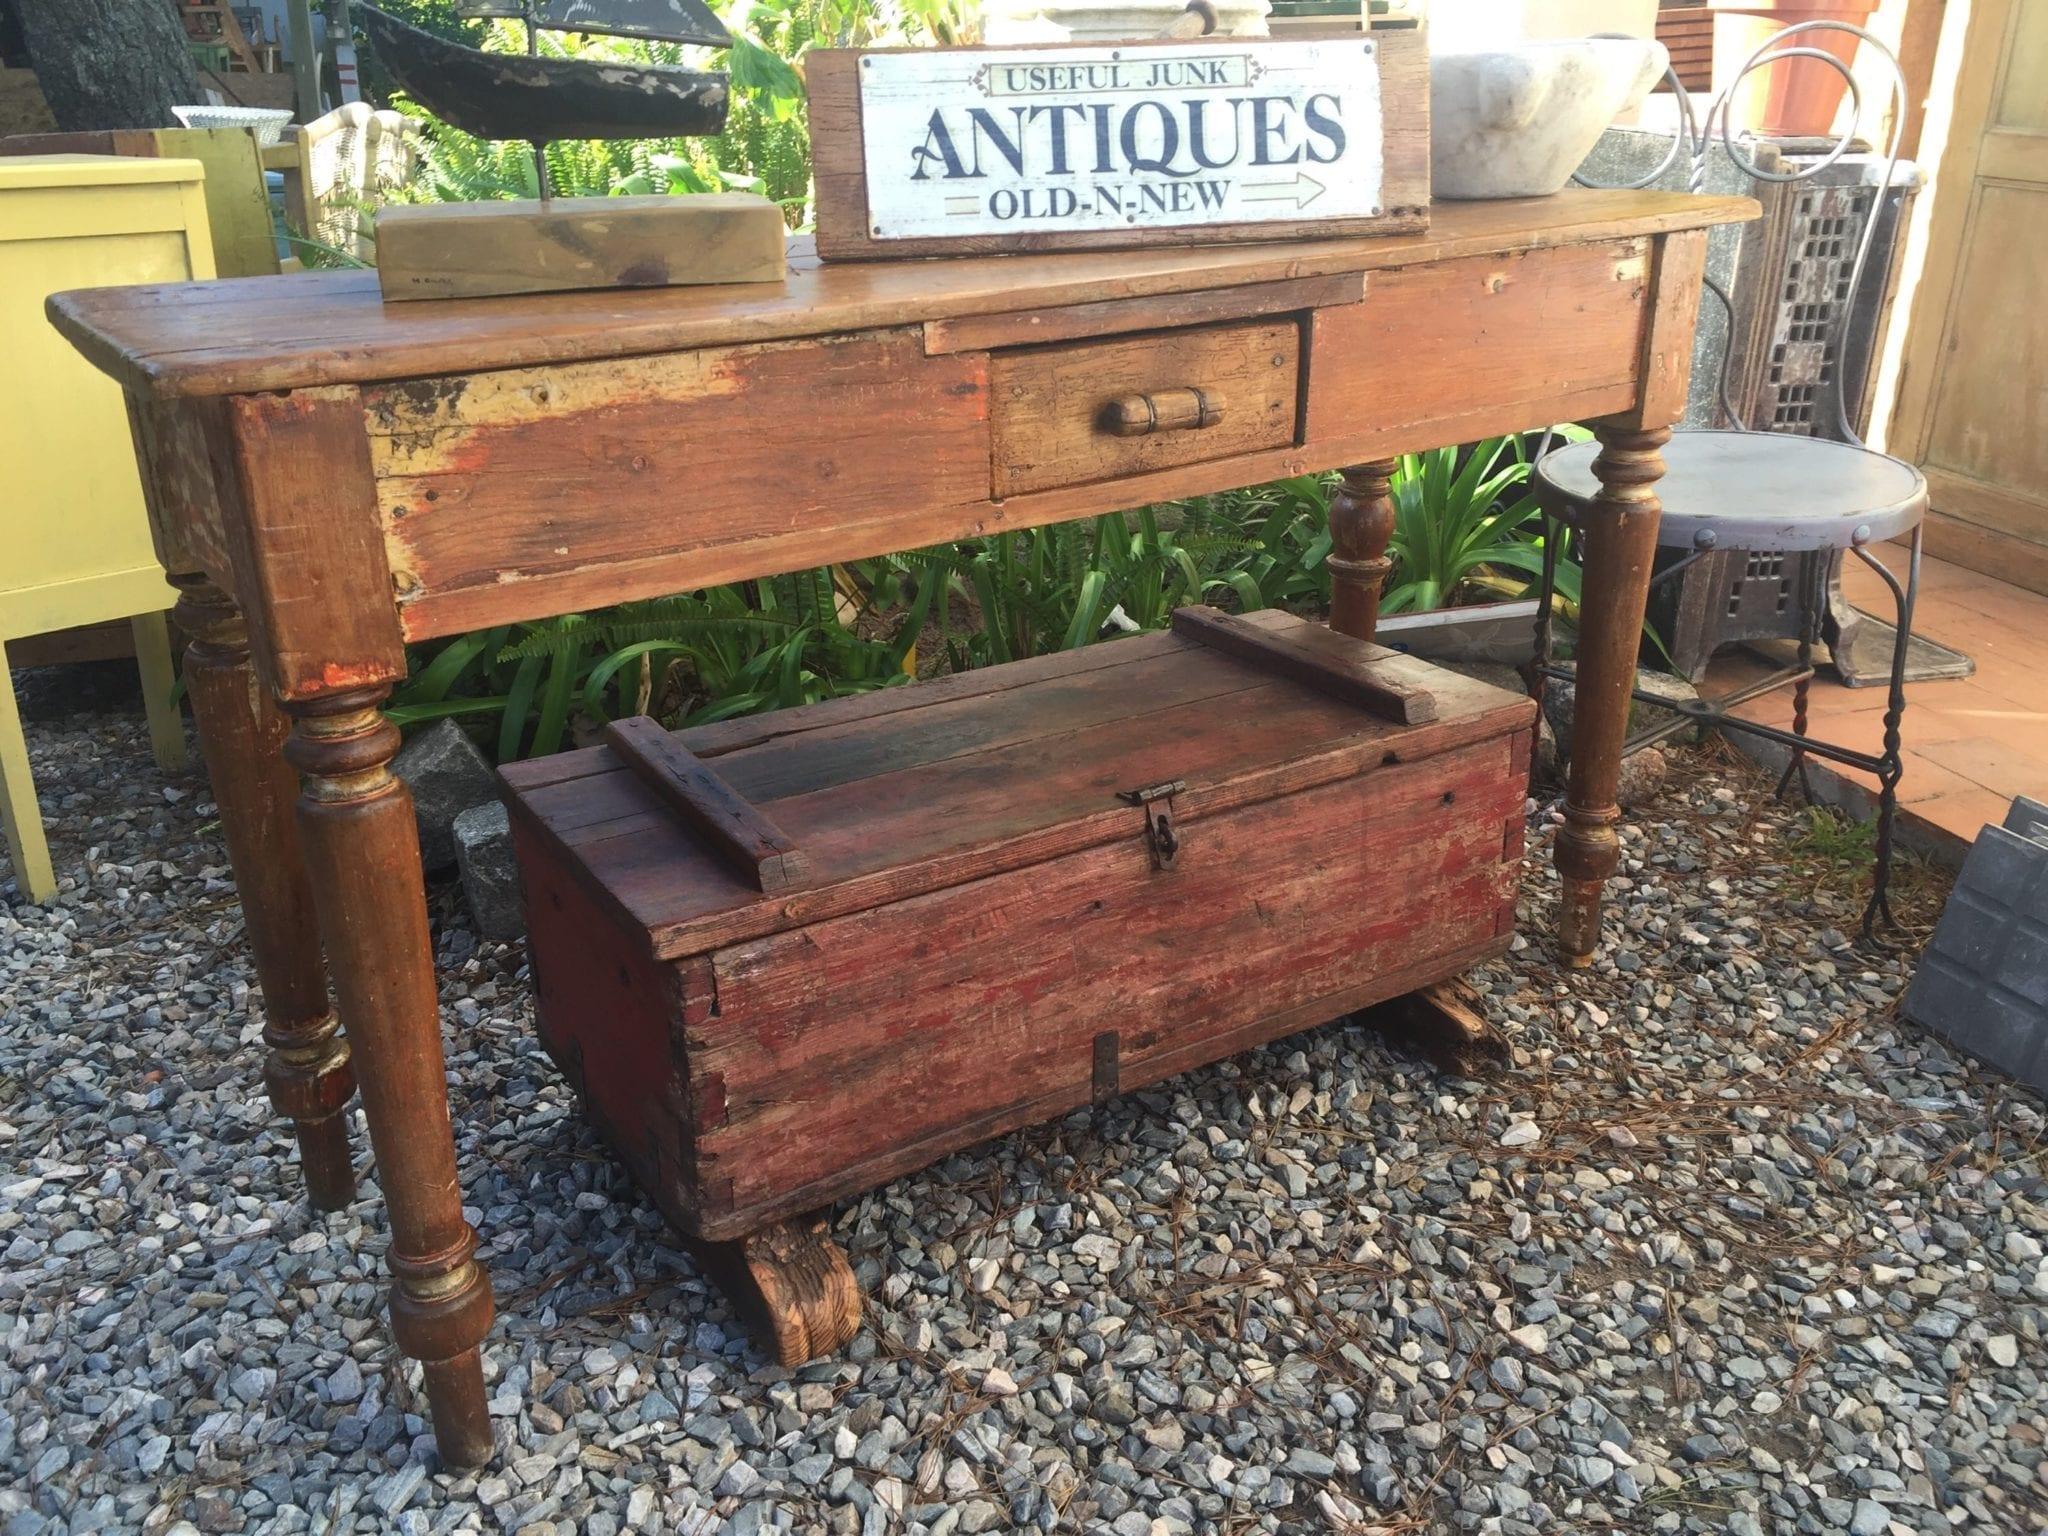 Recuperar muebles viejos cmo hacer estantes y estanteras for Restaurar muebles de madera viejos